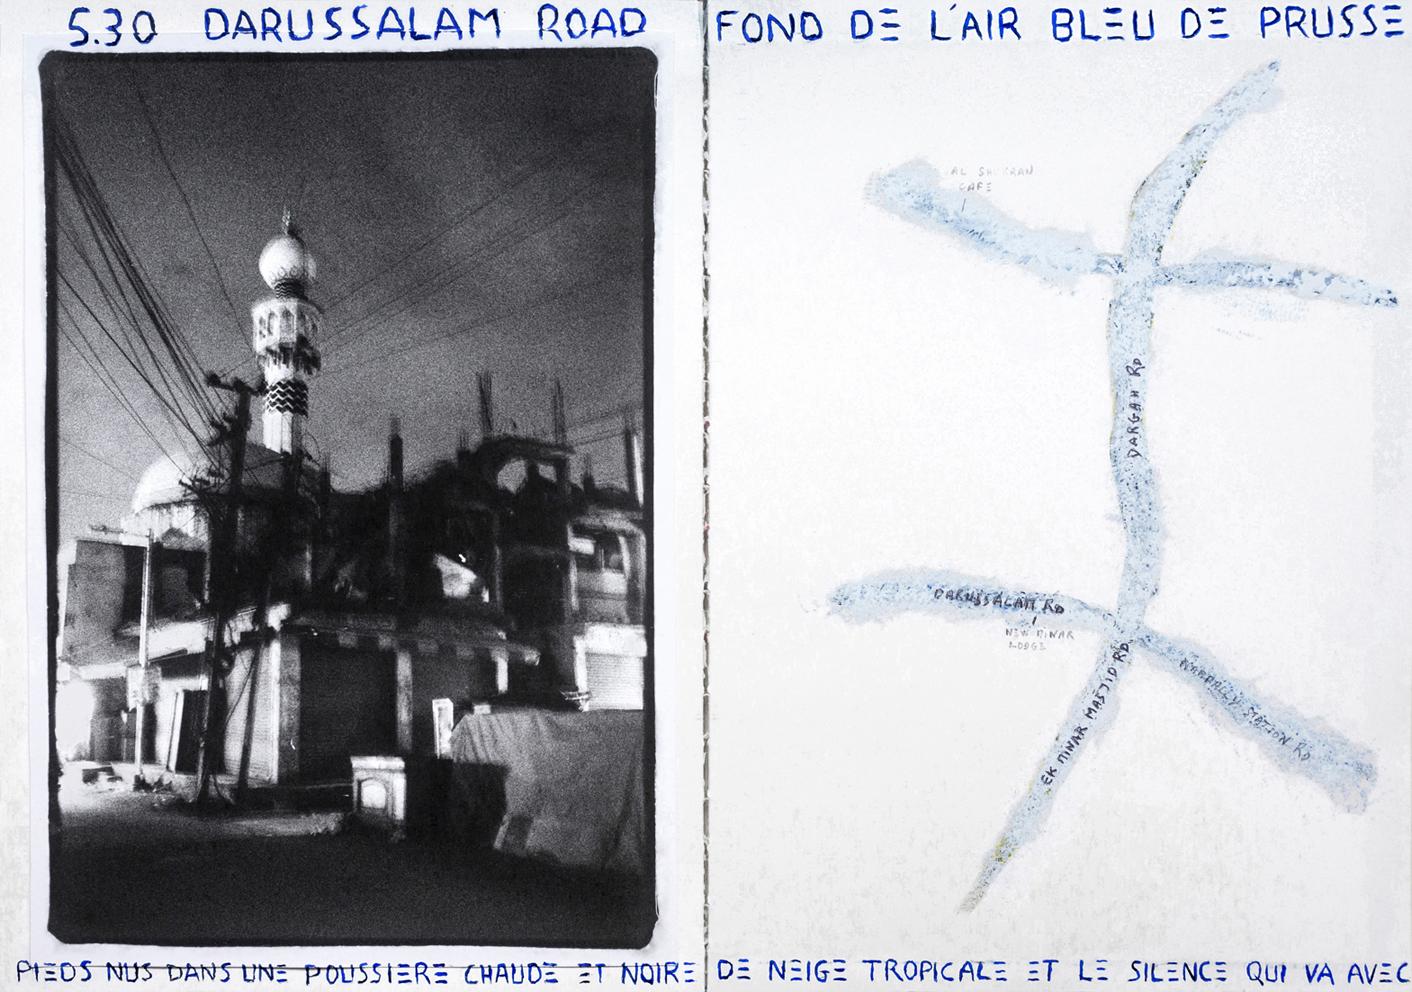 Mosquée Ek Minar de Nampali, quartier de Hyderabad et plan de Nampali dessiné et peint